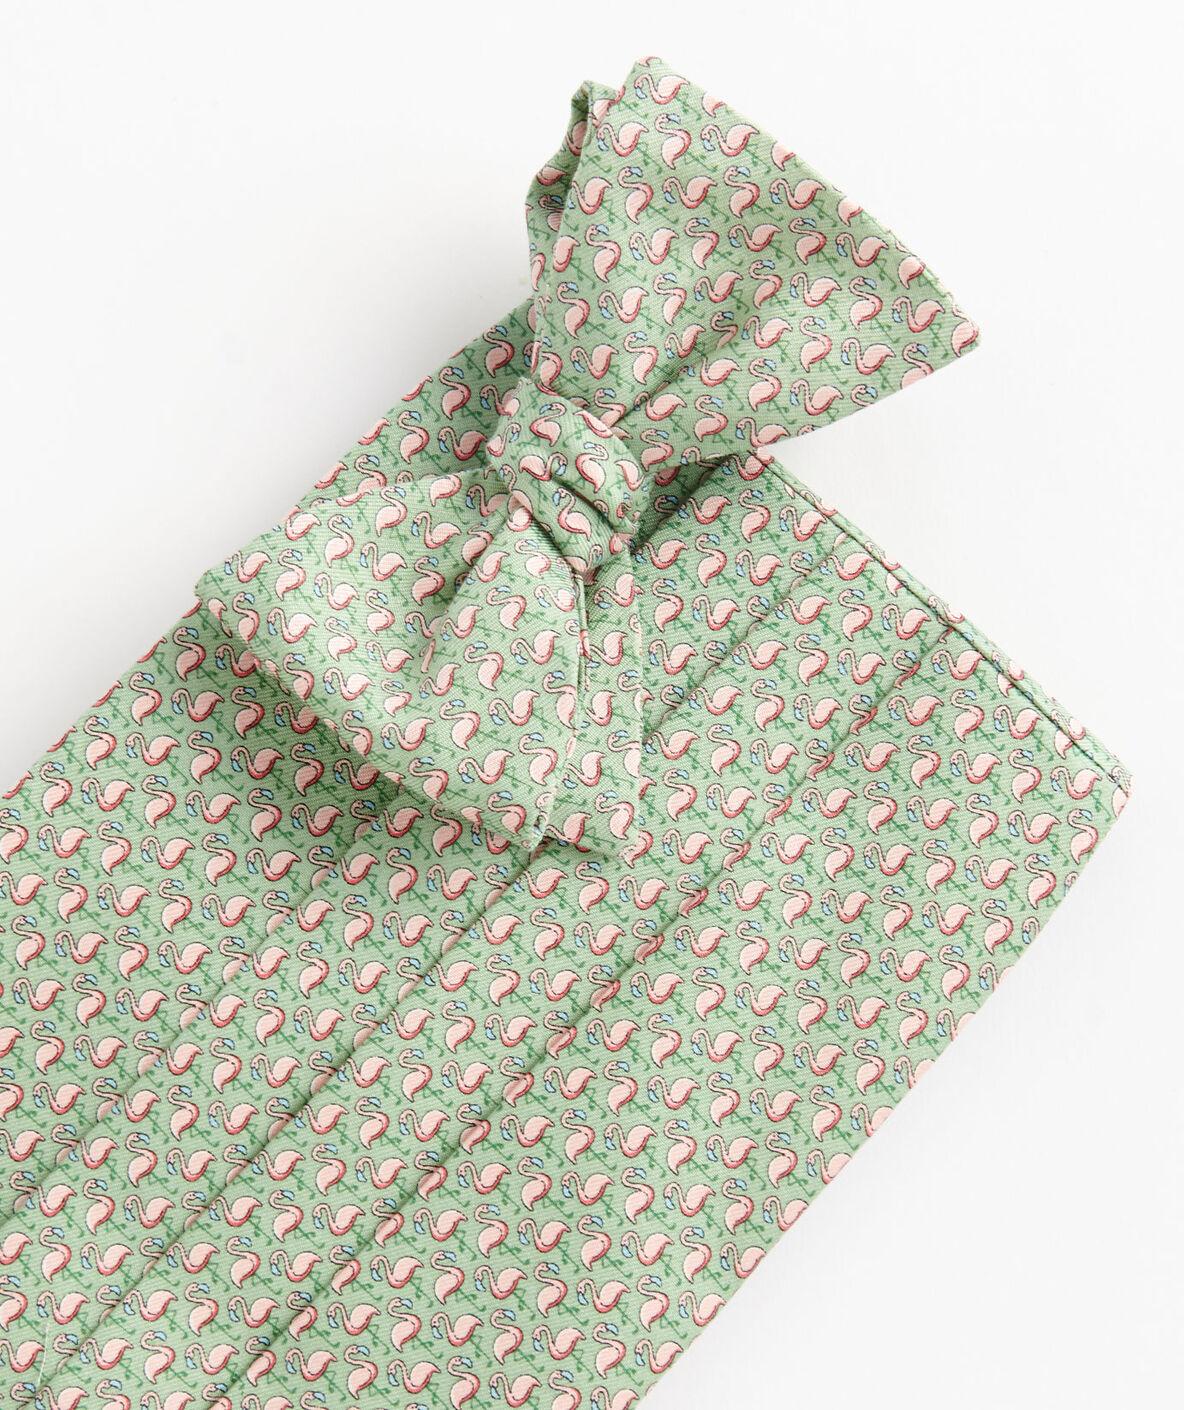 How To Tie A Blanket Scarf26 Zoom In Vineyard Vines